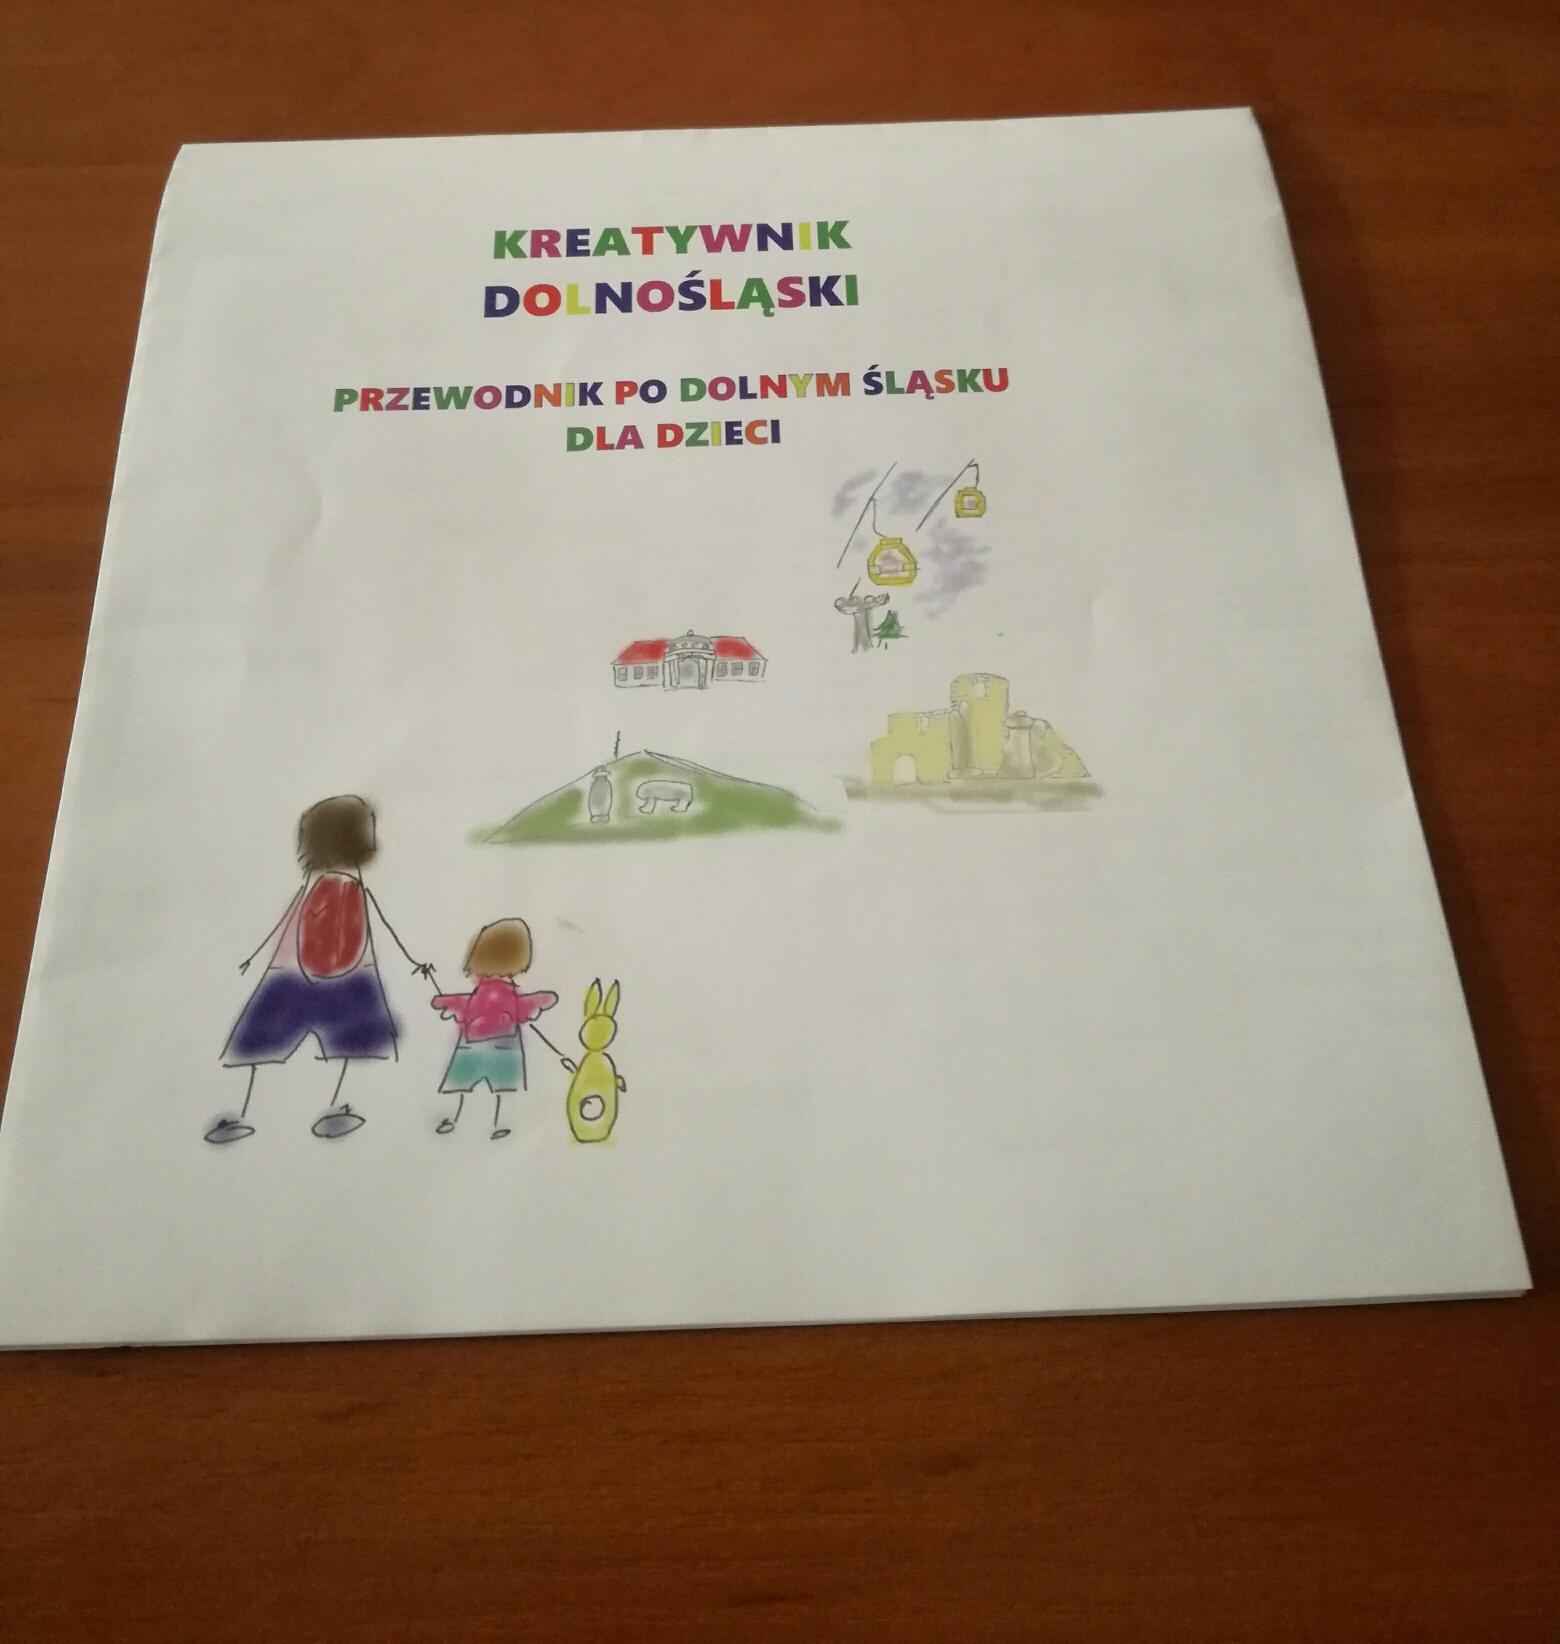 Kreatywnik Dolnośląski